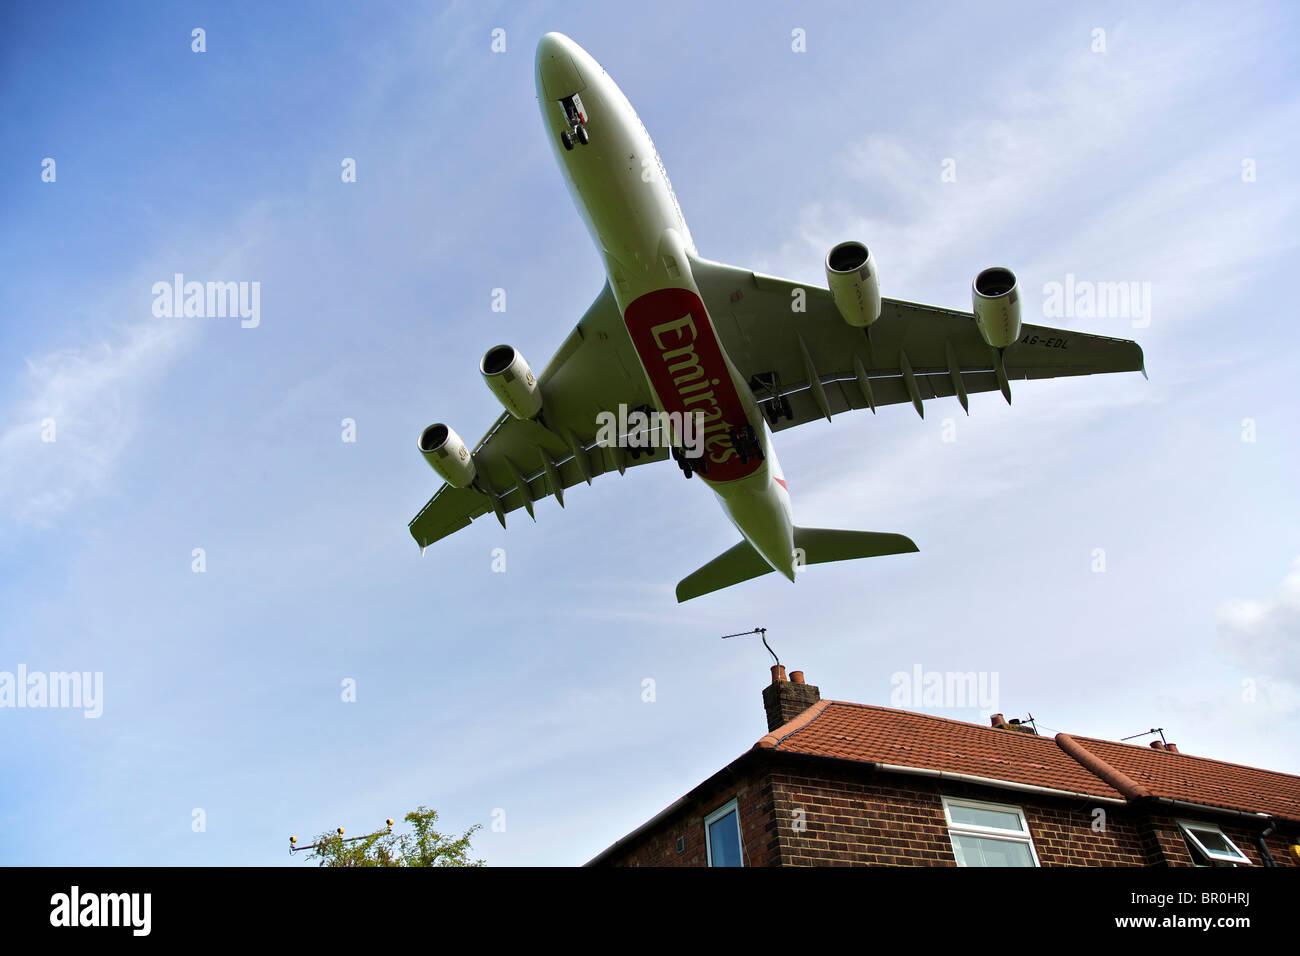 Emirates Airline Airbus A380 arriva all'aeroporto di Manchester, volando a bassa quota sopra la casa sul tetto. Immagini Stock